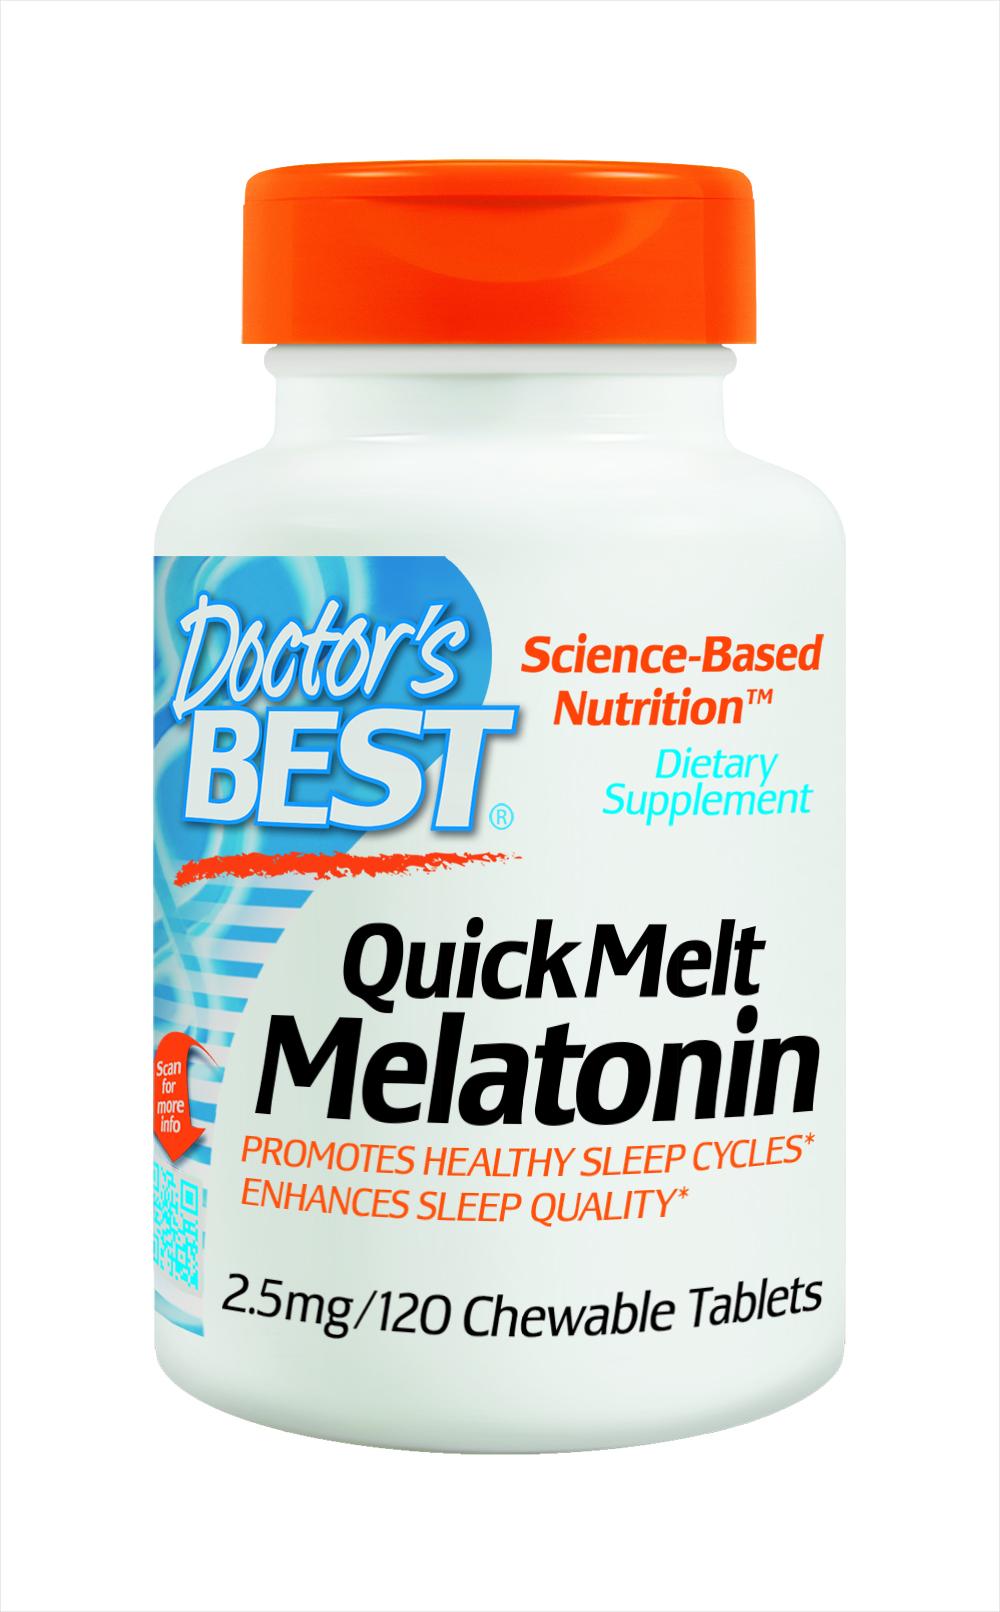 Quick Melt Melatonin 2.5mg Doctors Best giúp an thần, ngủ ngon, tăng cường sức khỏe